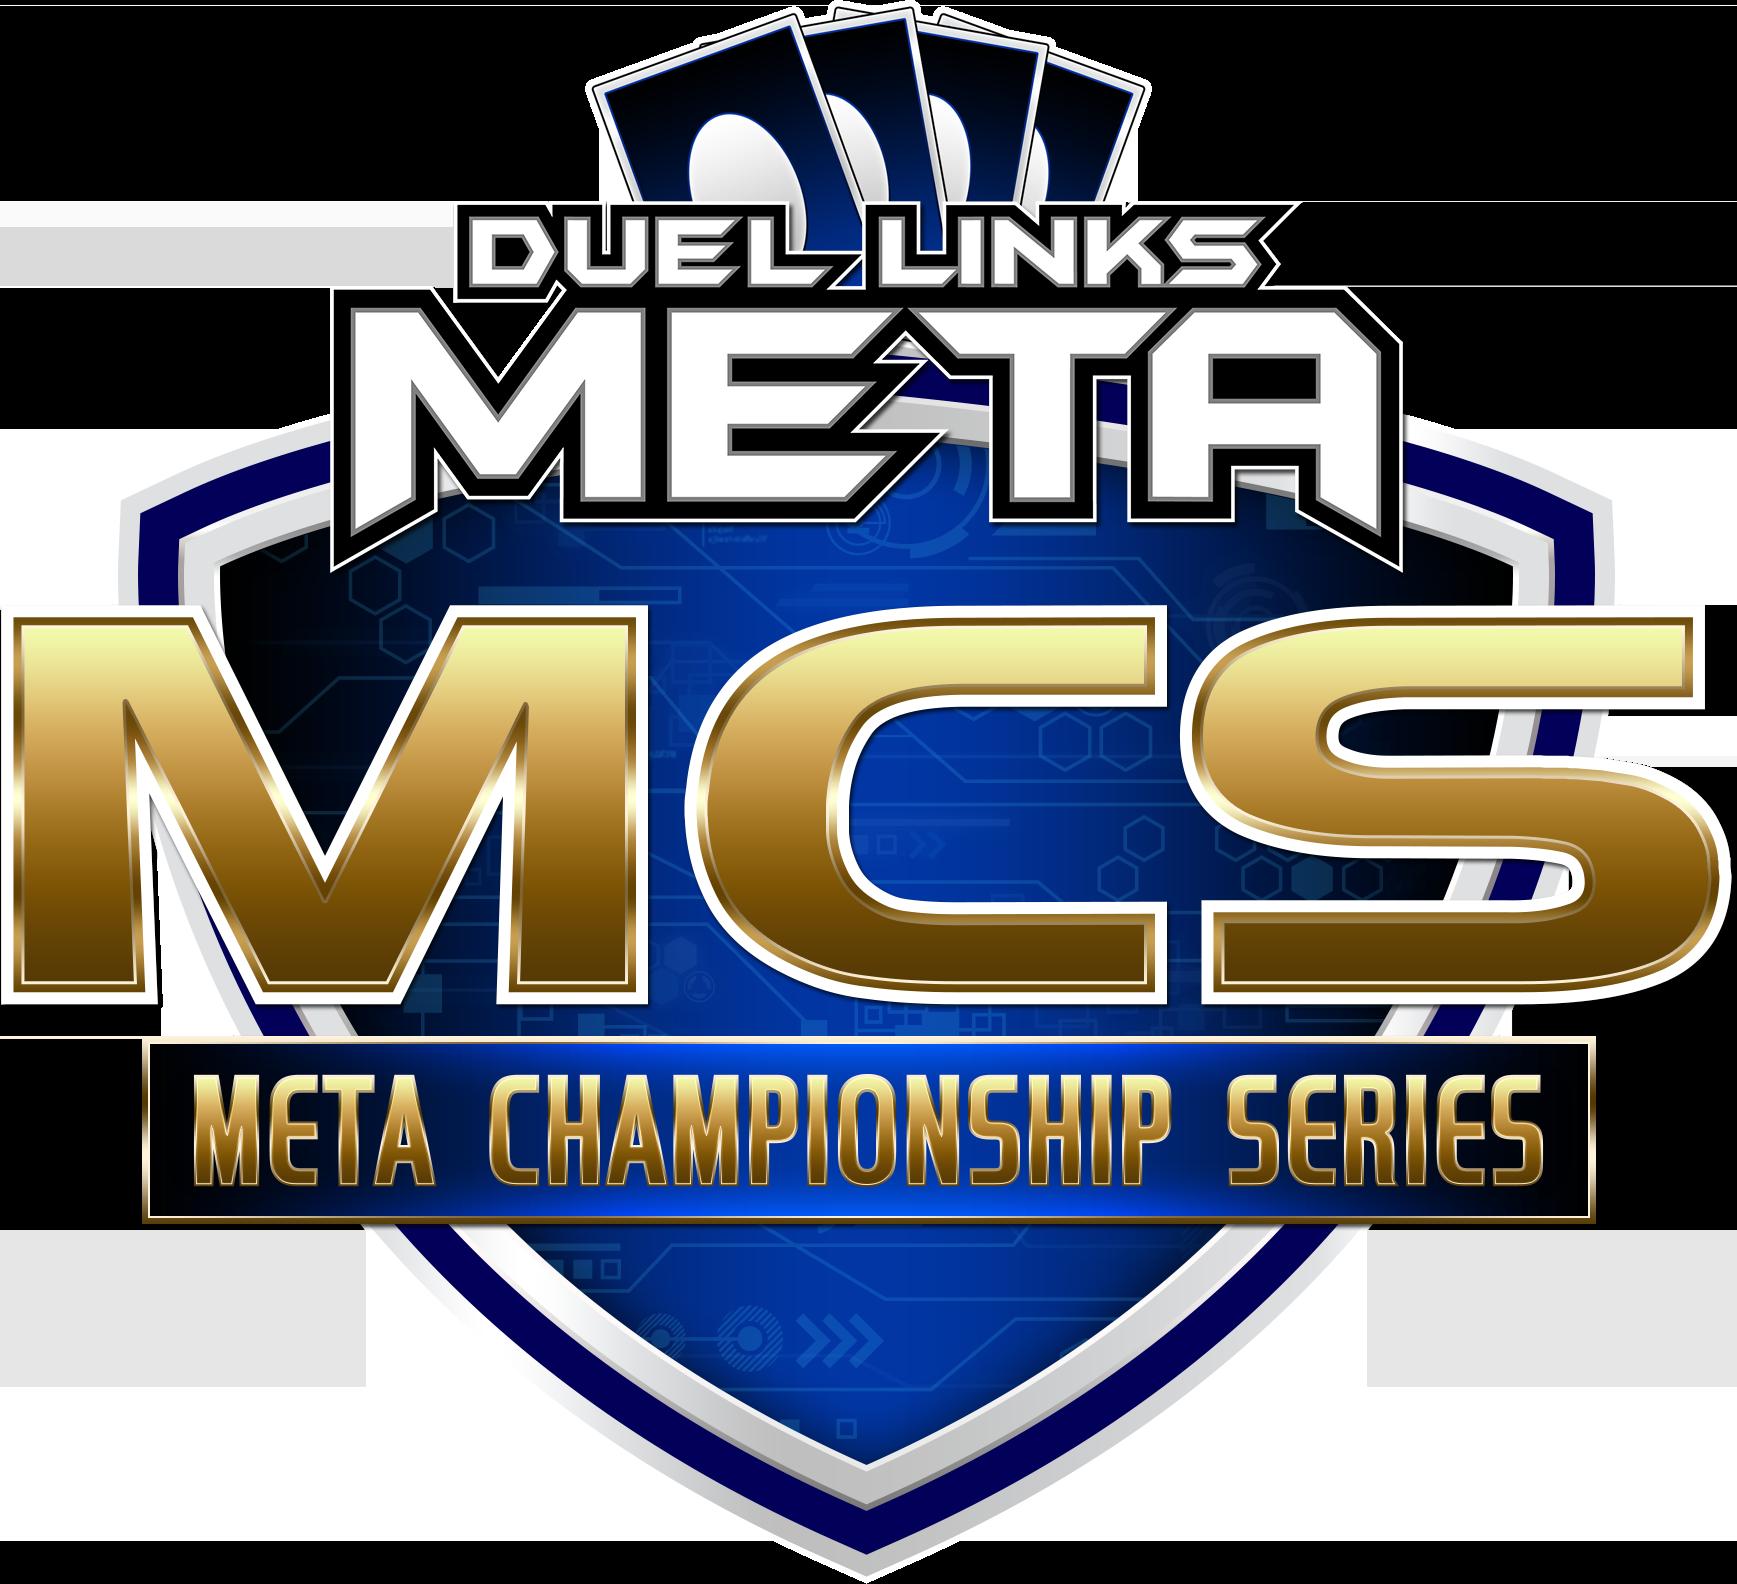 MCS 20 - $1 7k+ Top 16 Decks - June 29th | Duel Links Meta